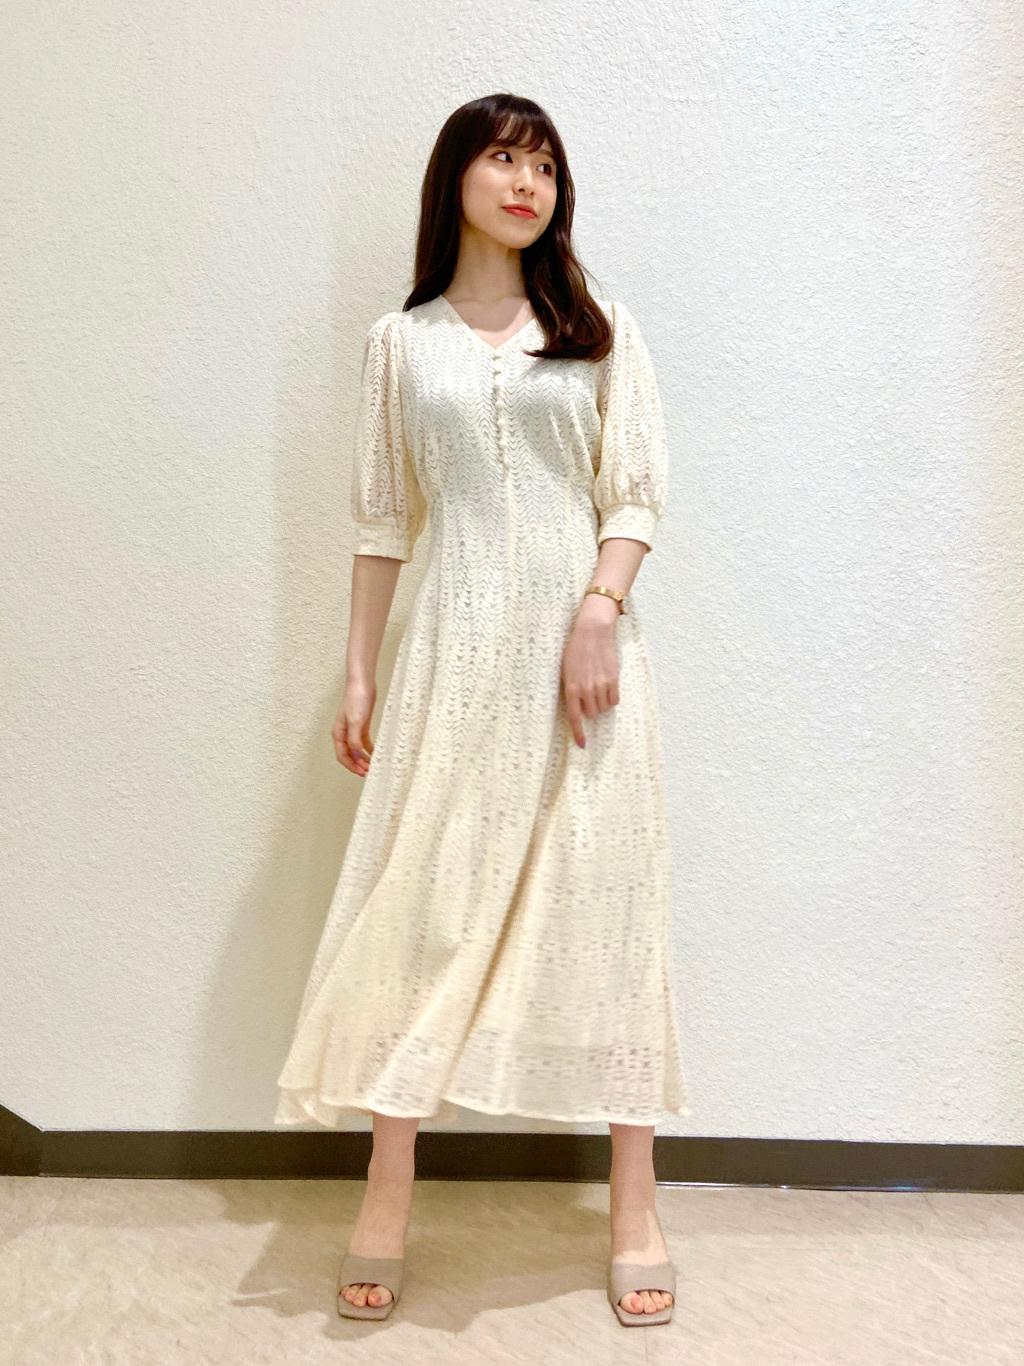 manami(162cm)